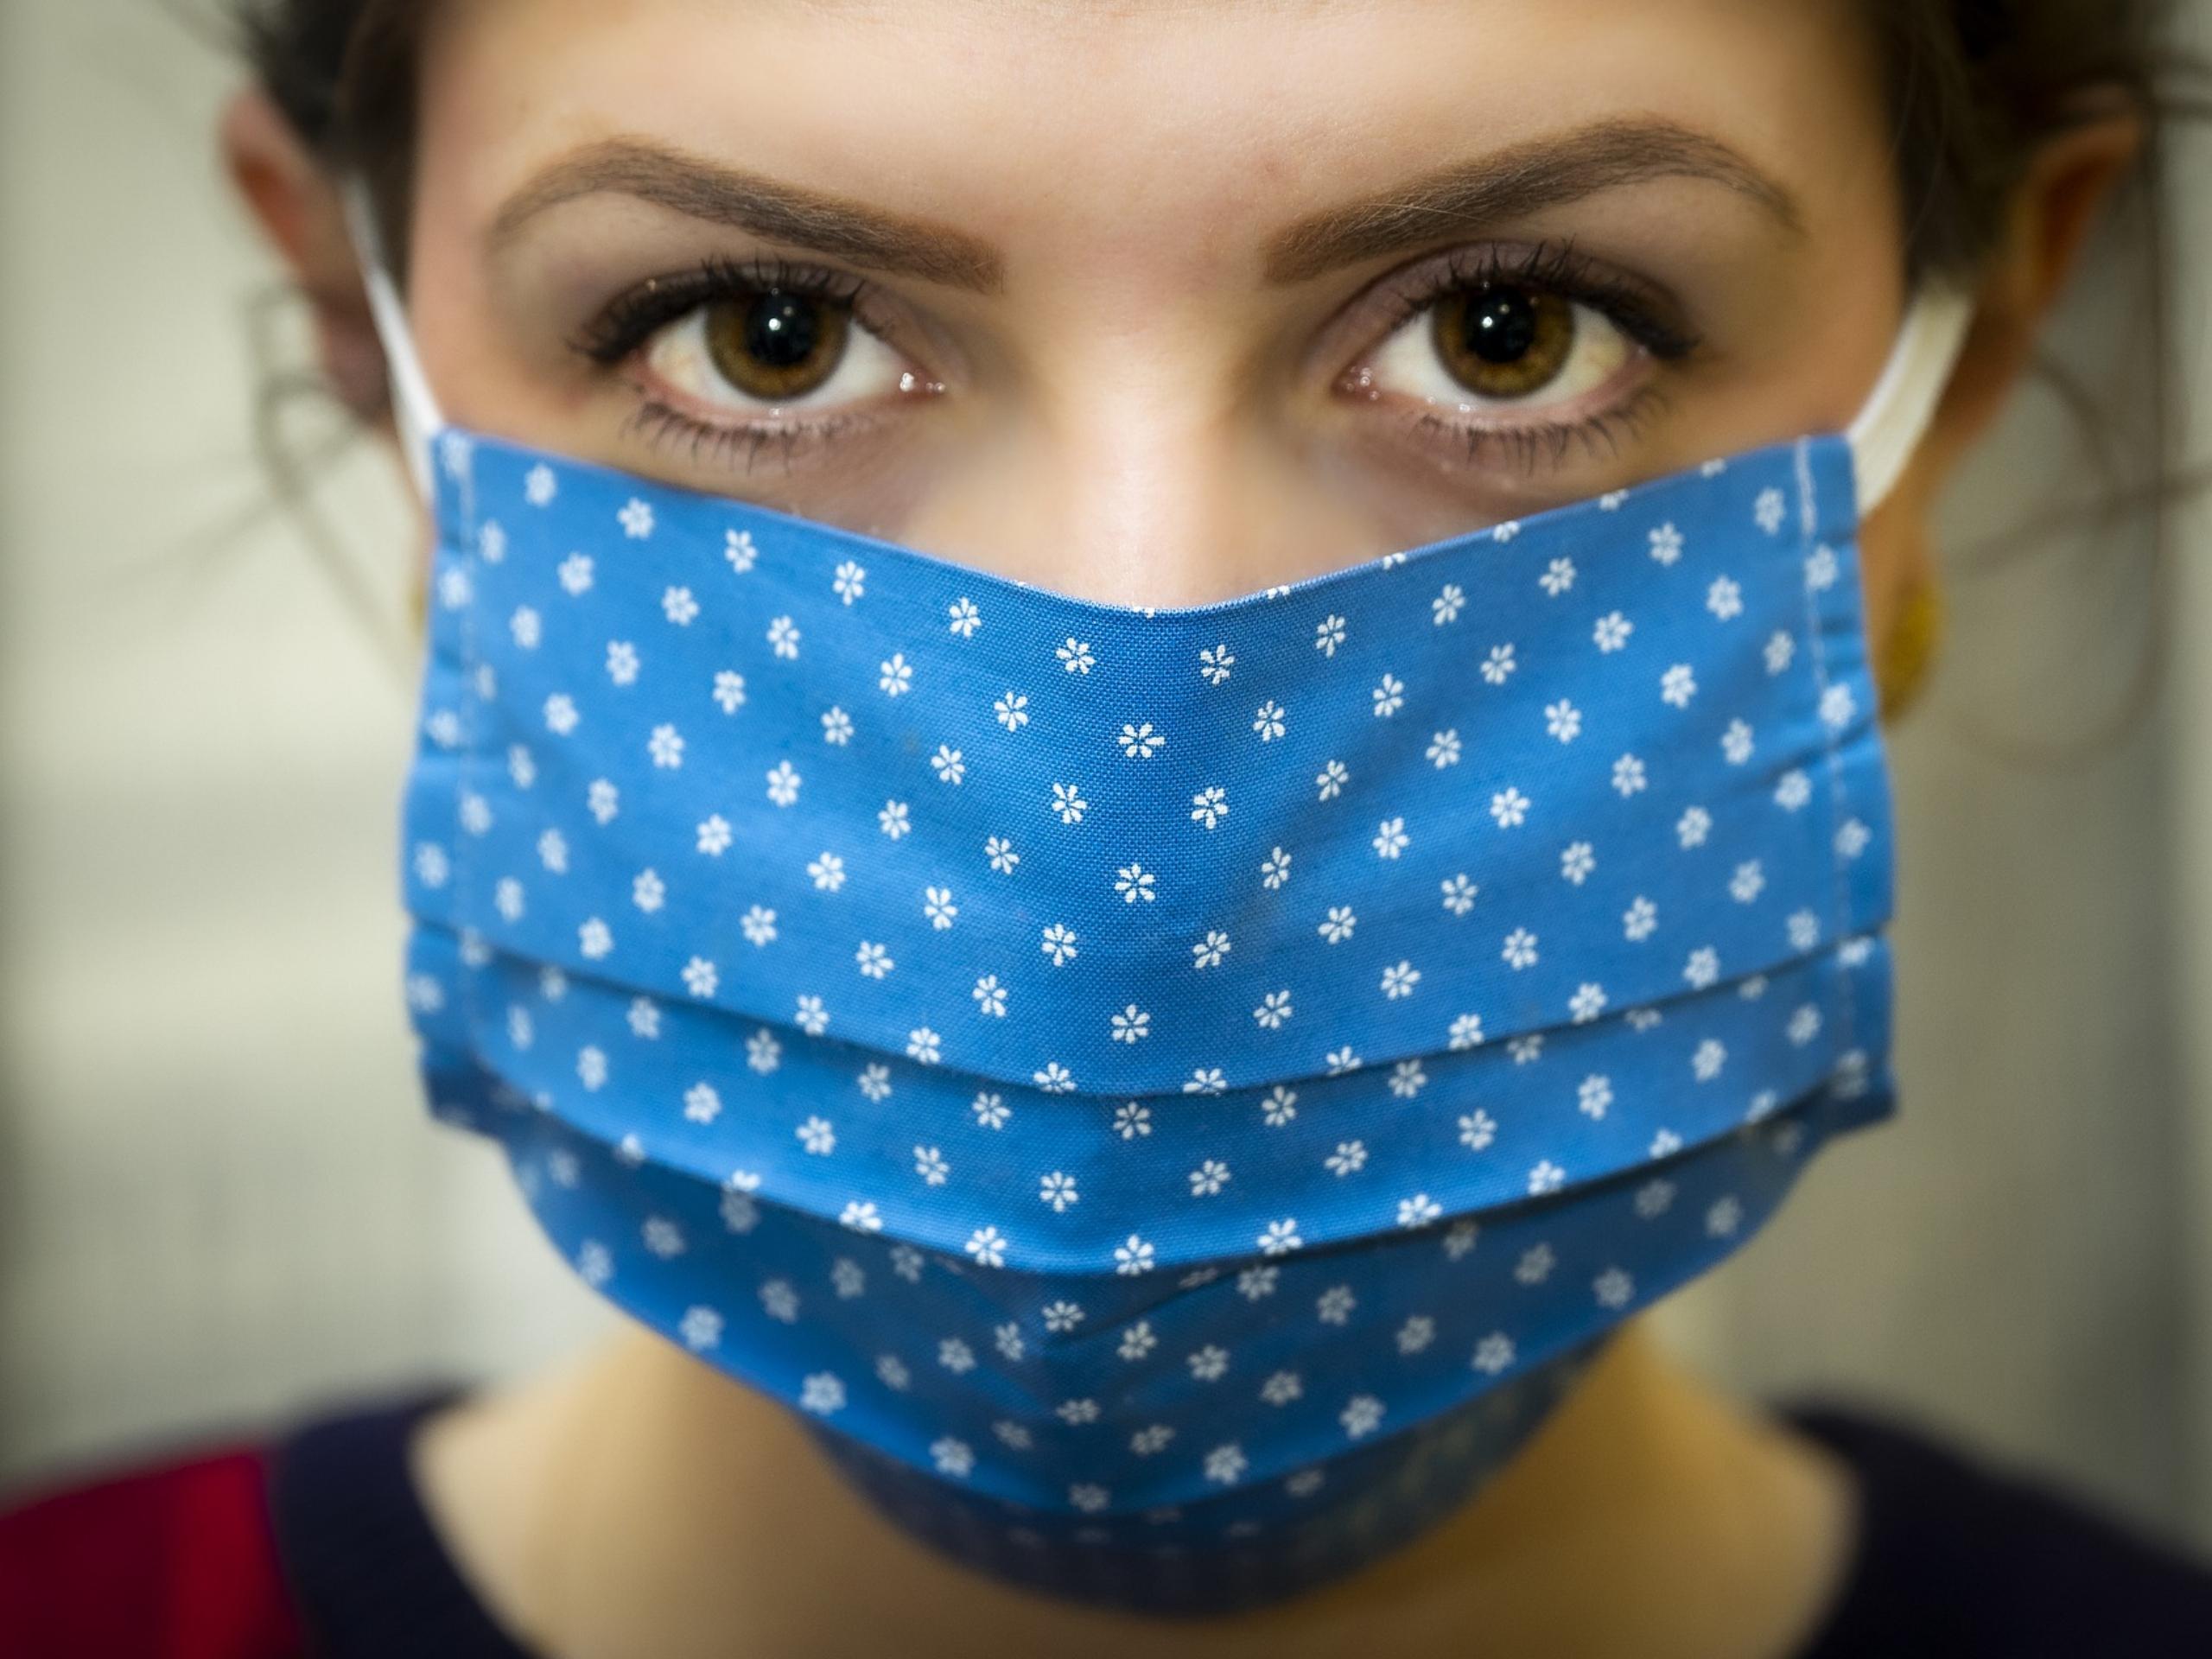 Como lidar com a pandemia quando você já sofre de ansiedade